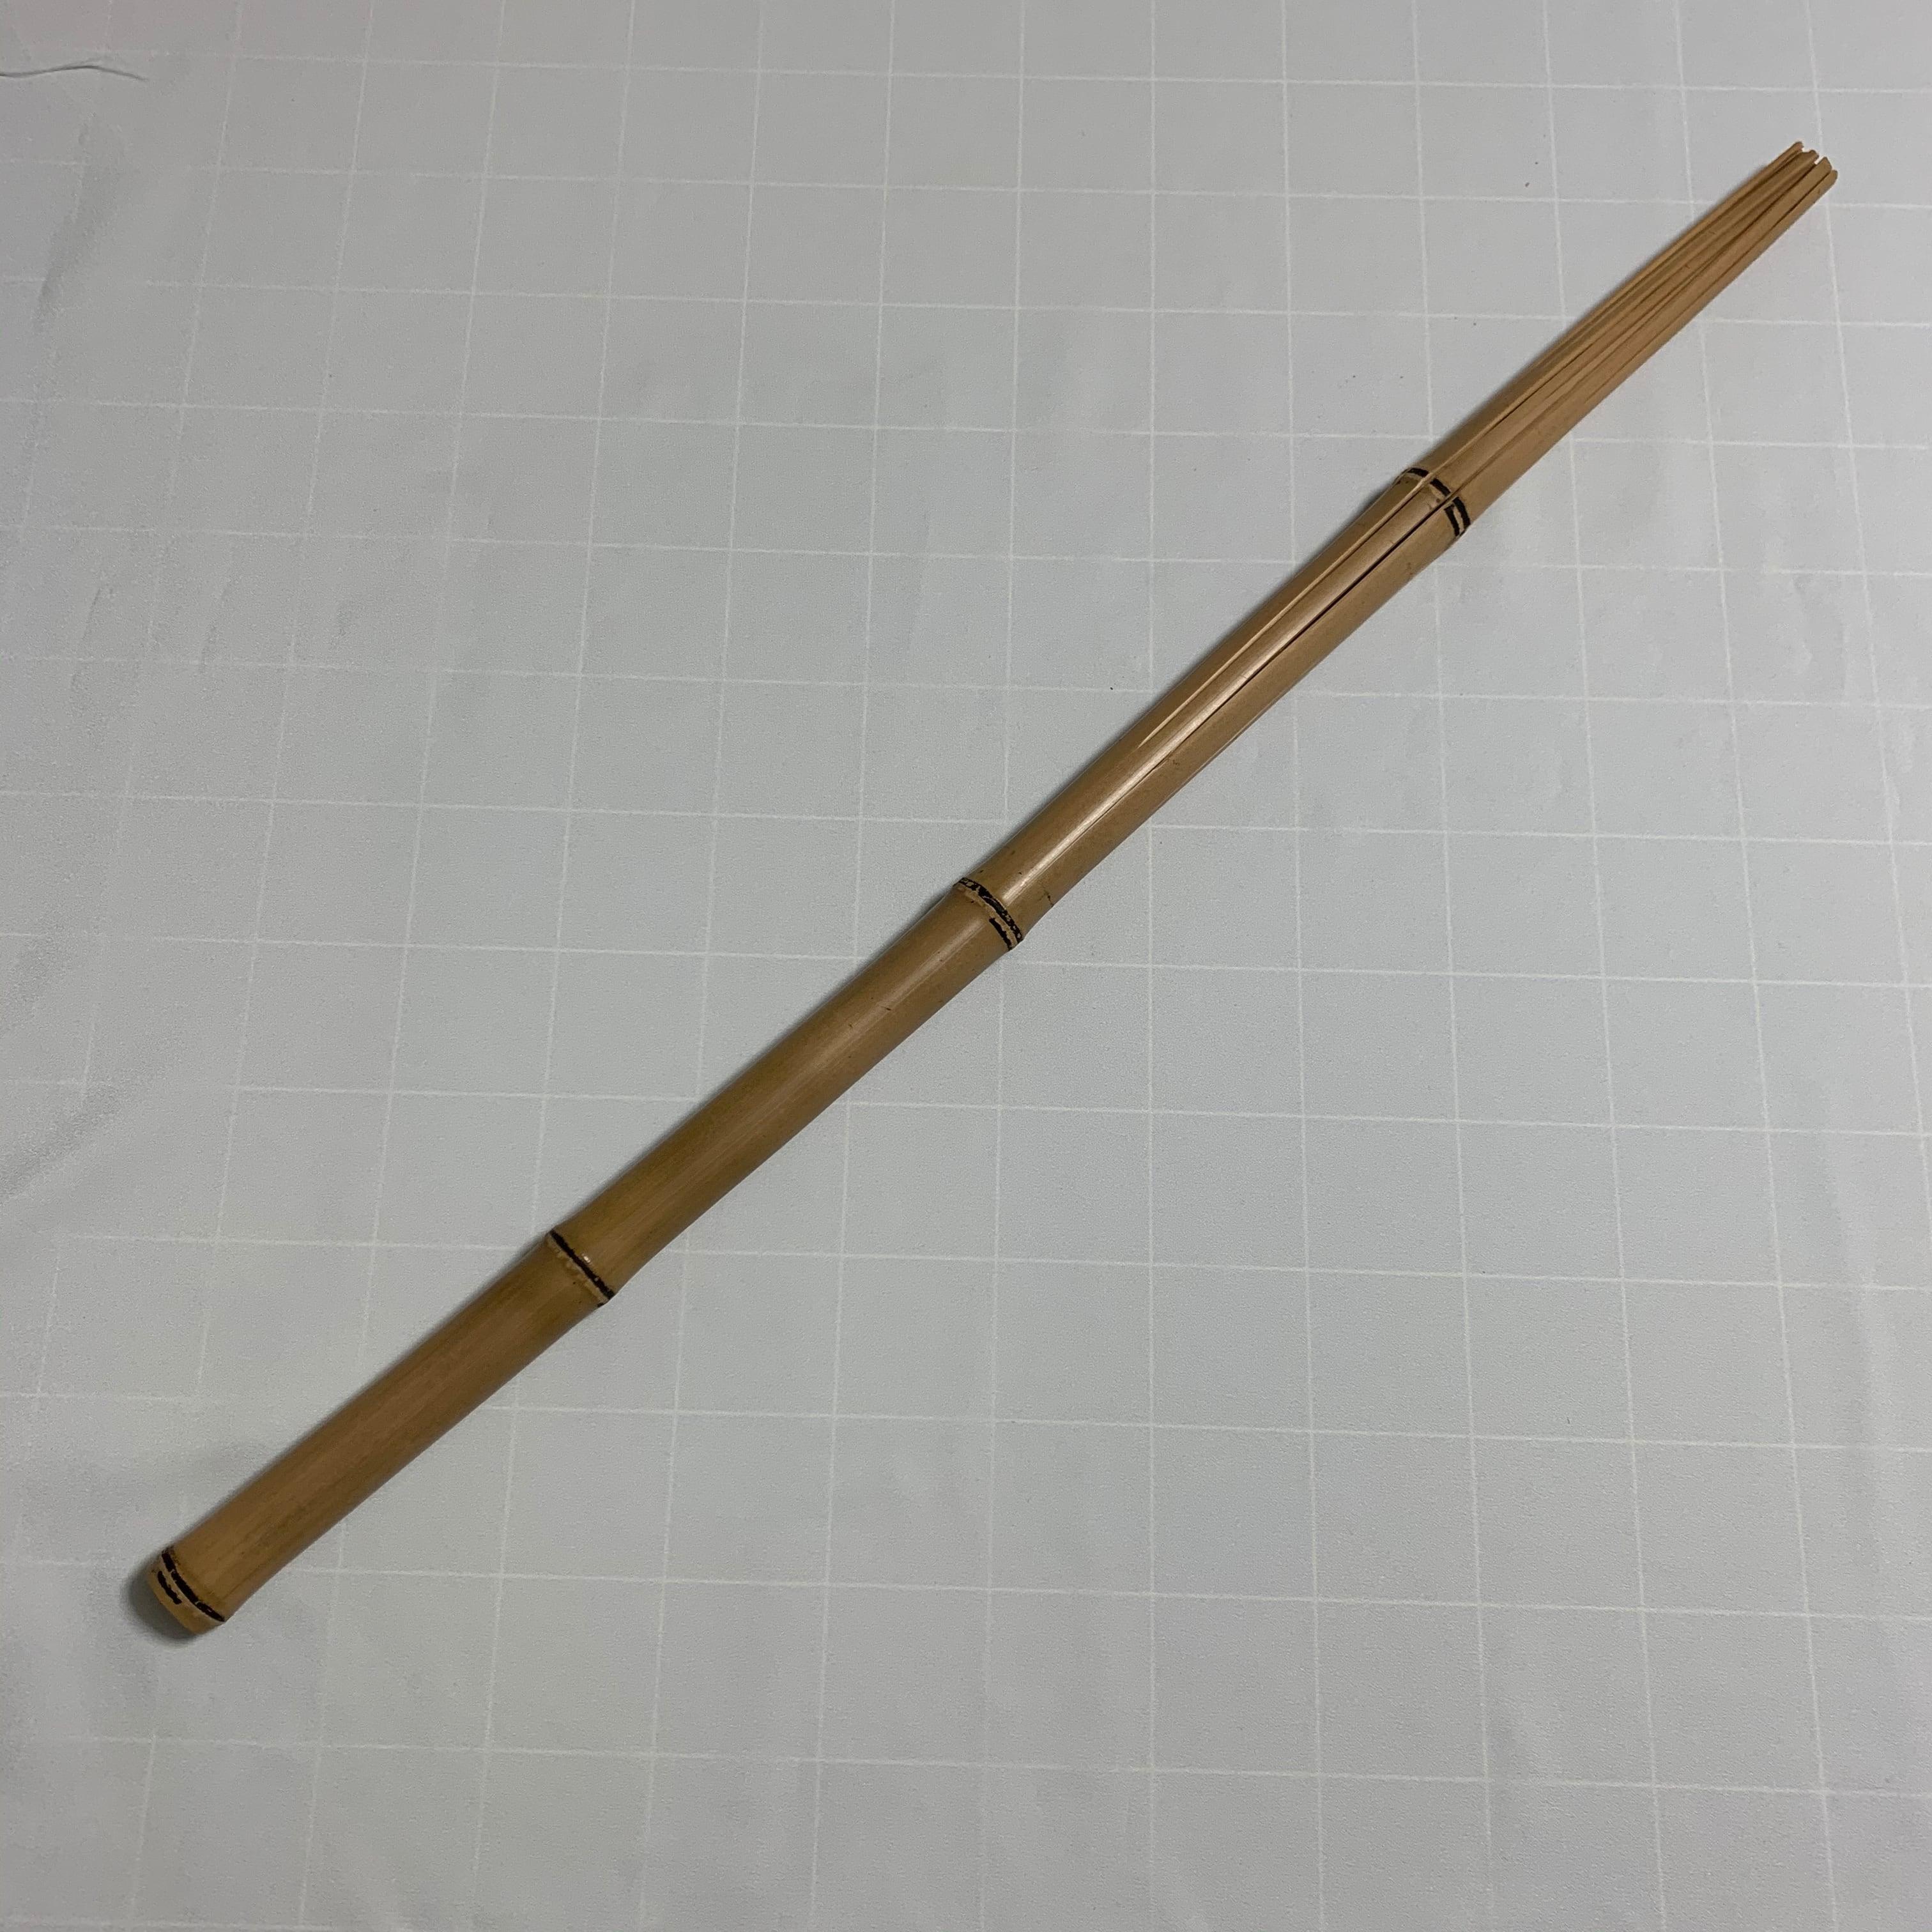 袋竹刀 小刀 交換用竹